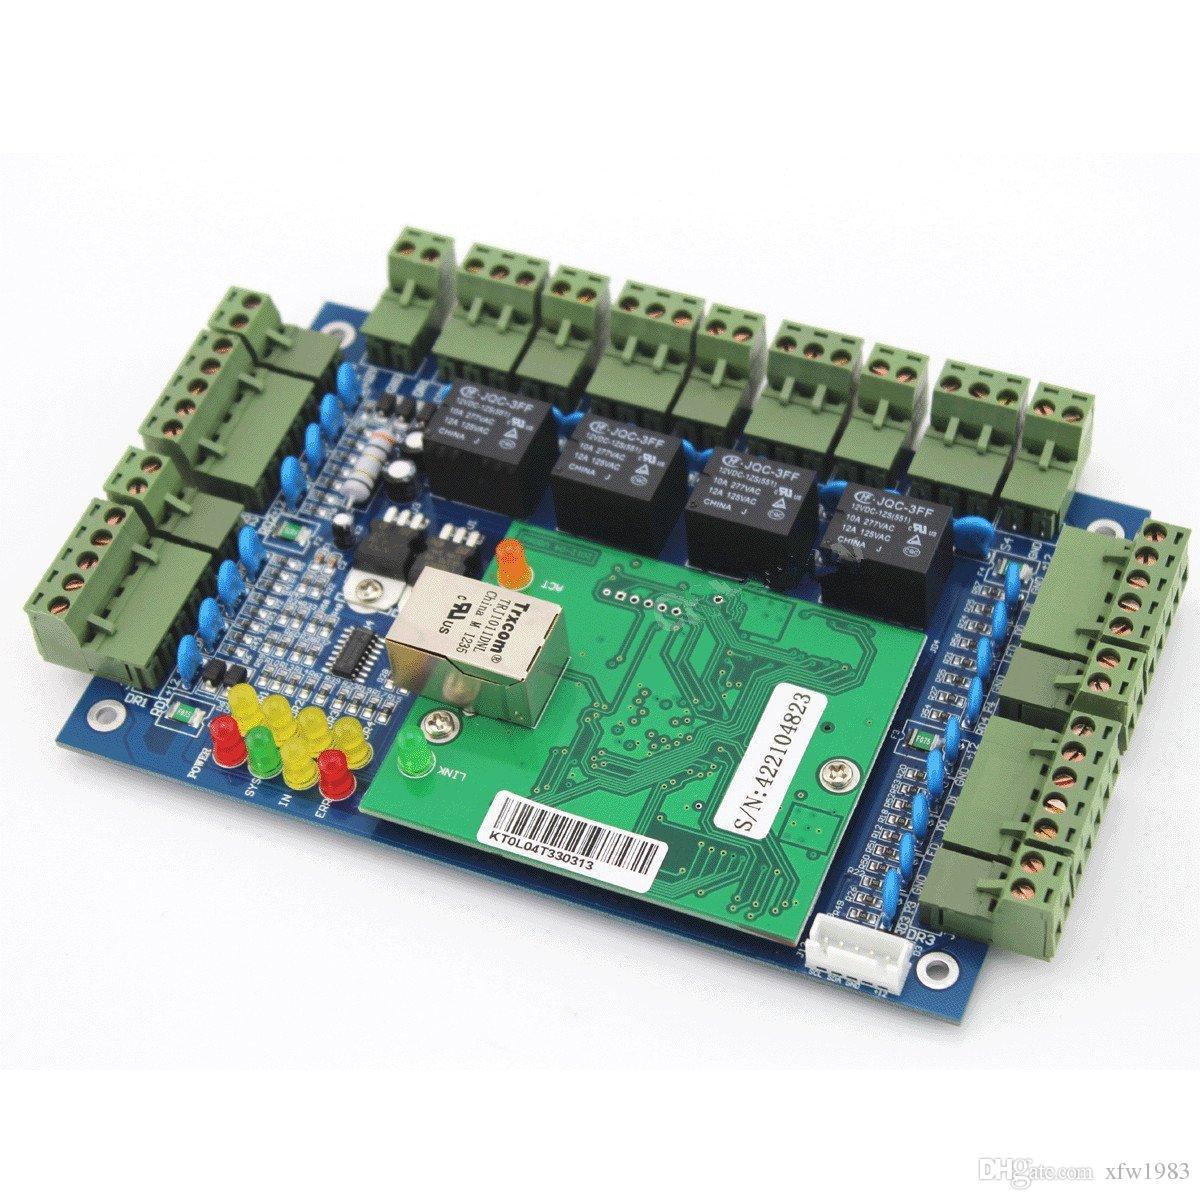 Cuatro puertas 4 lectores Tarjeta de control de acceso a la red profesional TCP / IP para el sistema de control de acceso a la puerta y asistencia de tiempo